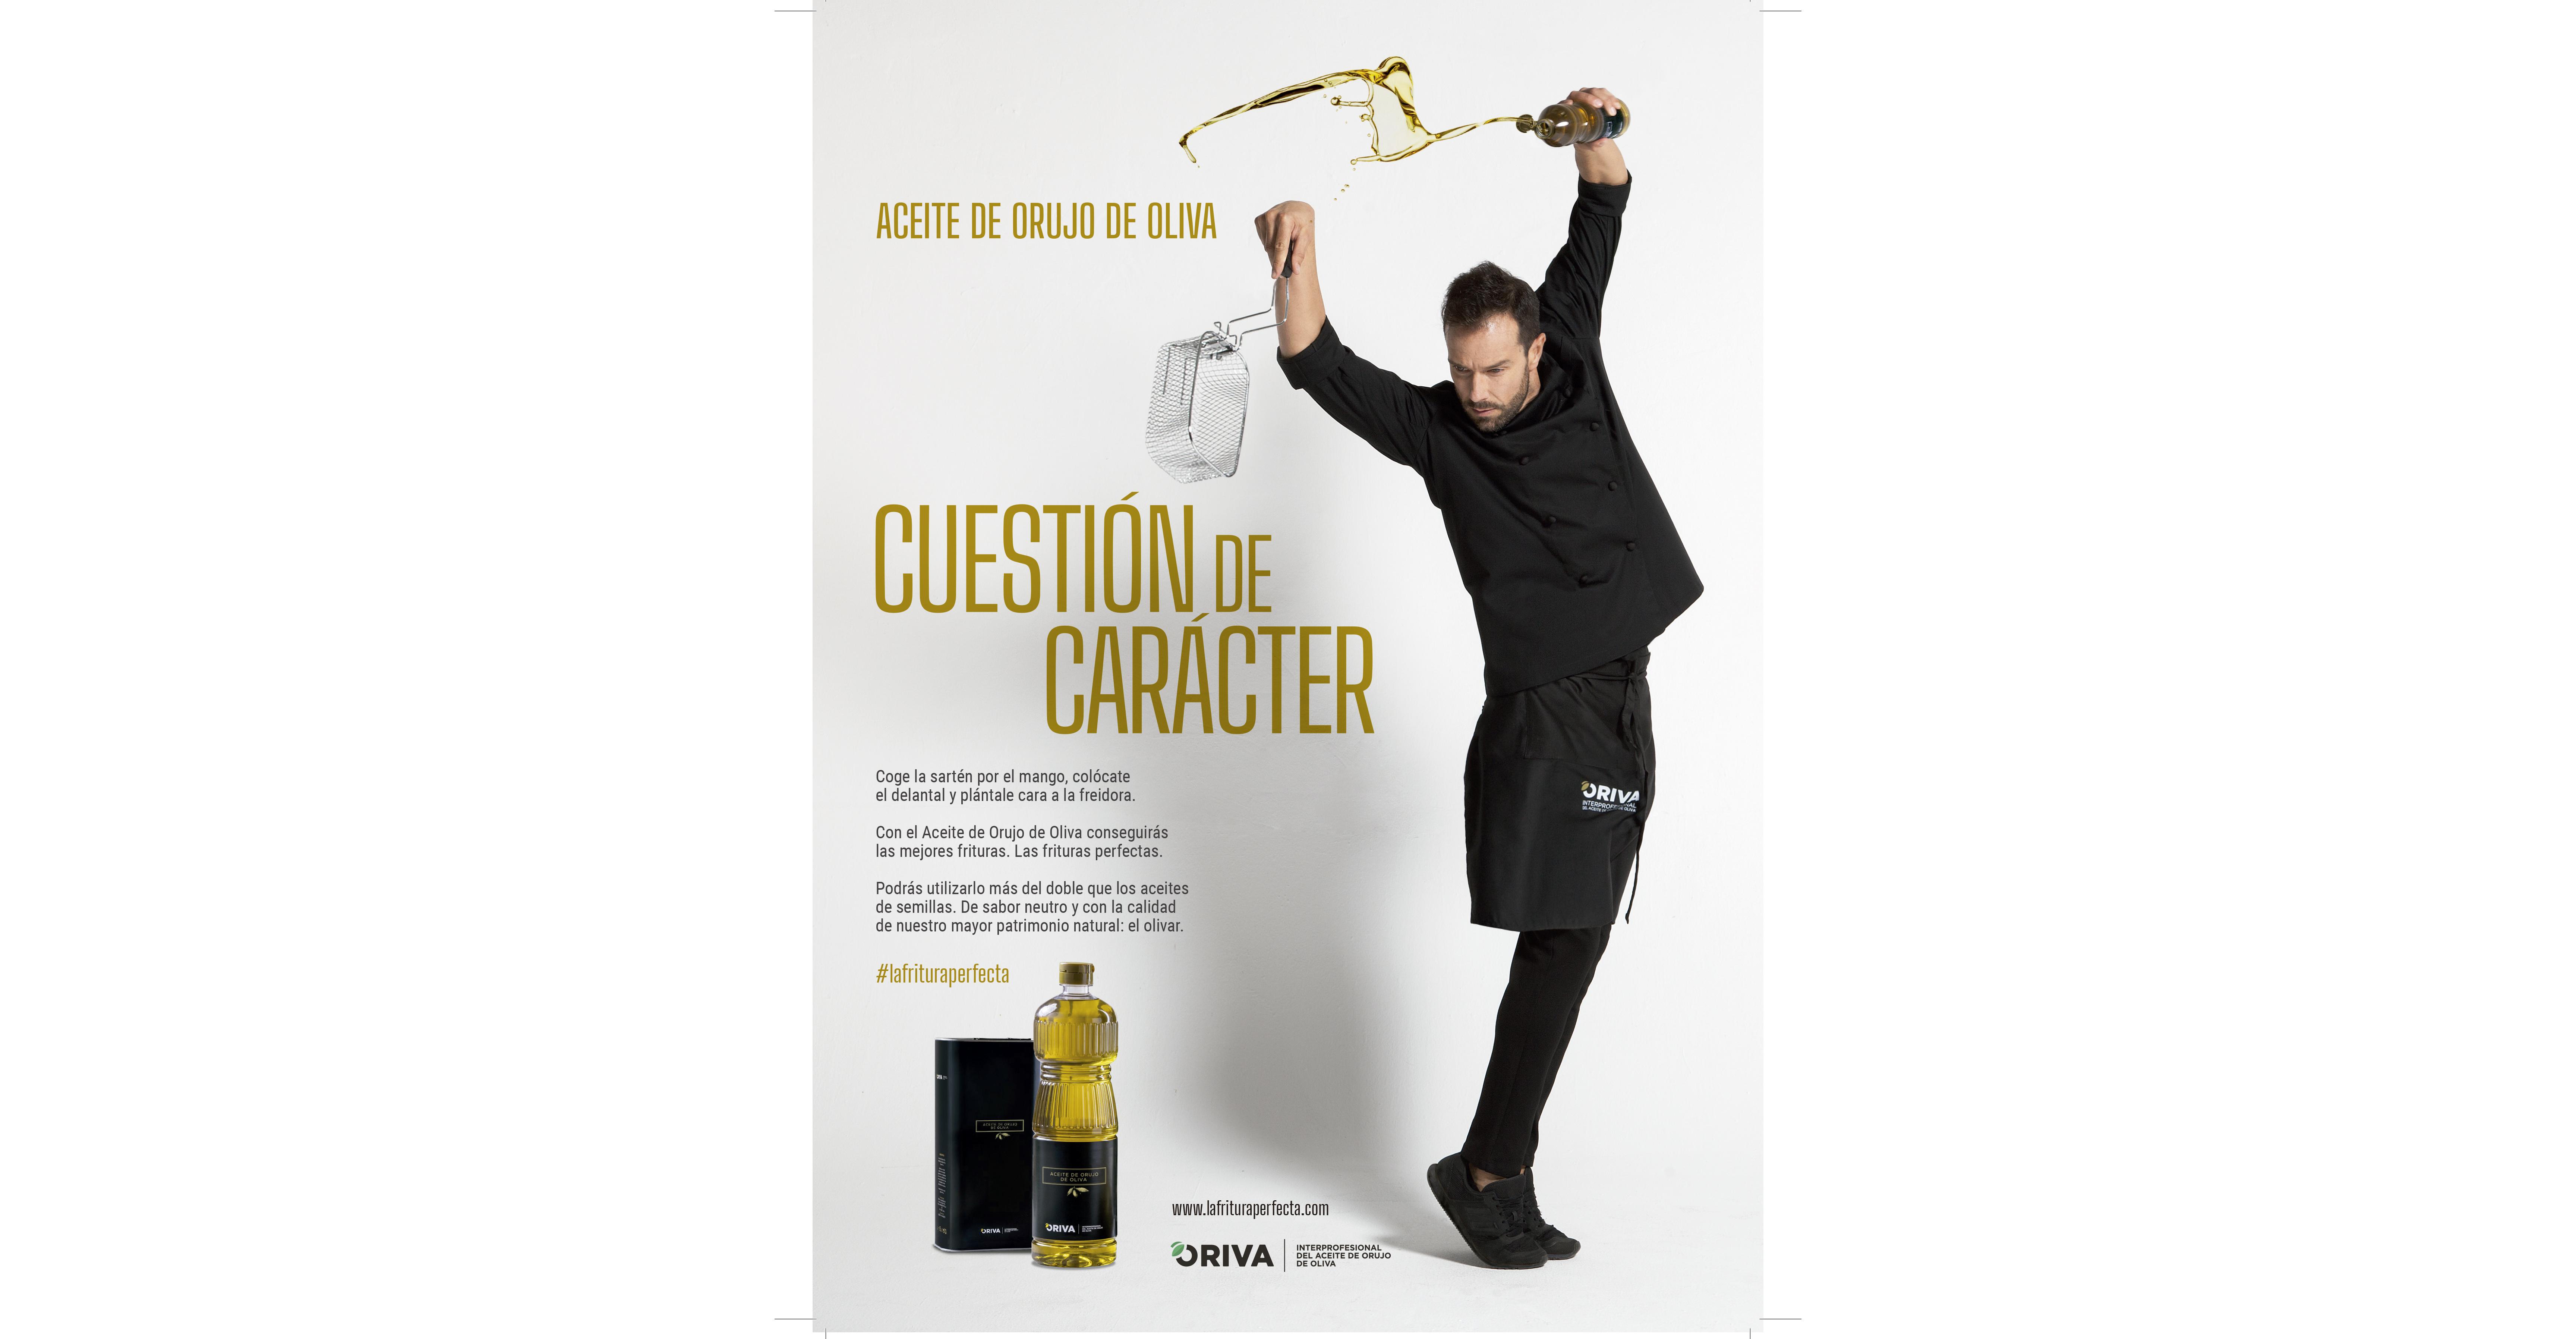 Oriva promueve el consumo del aceite de orujo de oliva en televisión